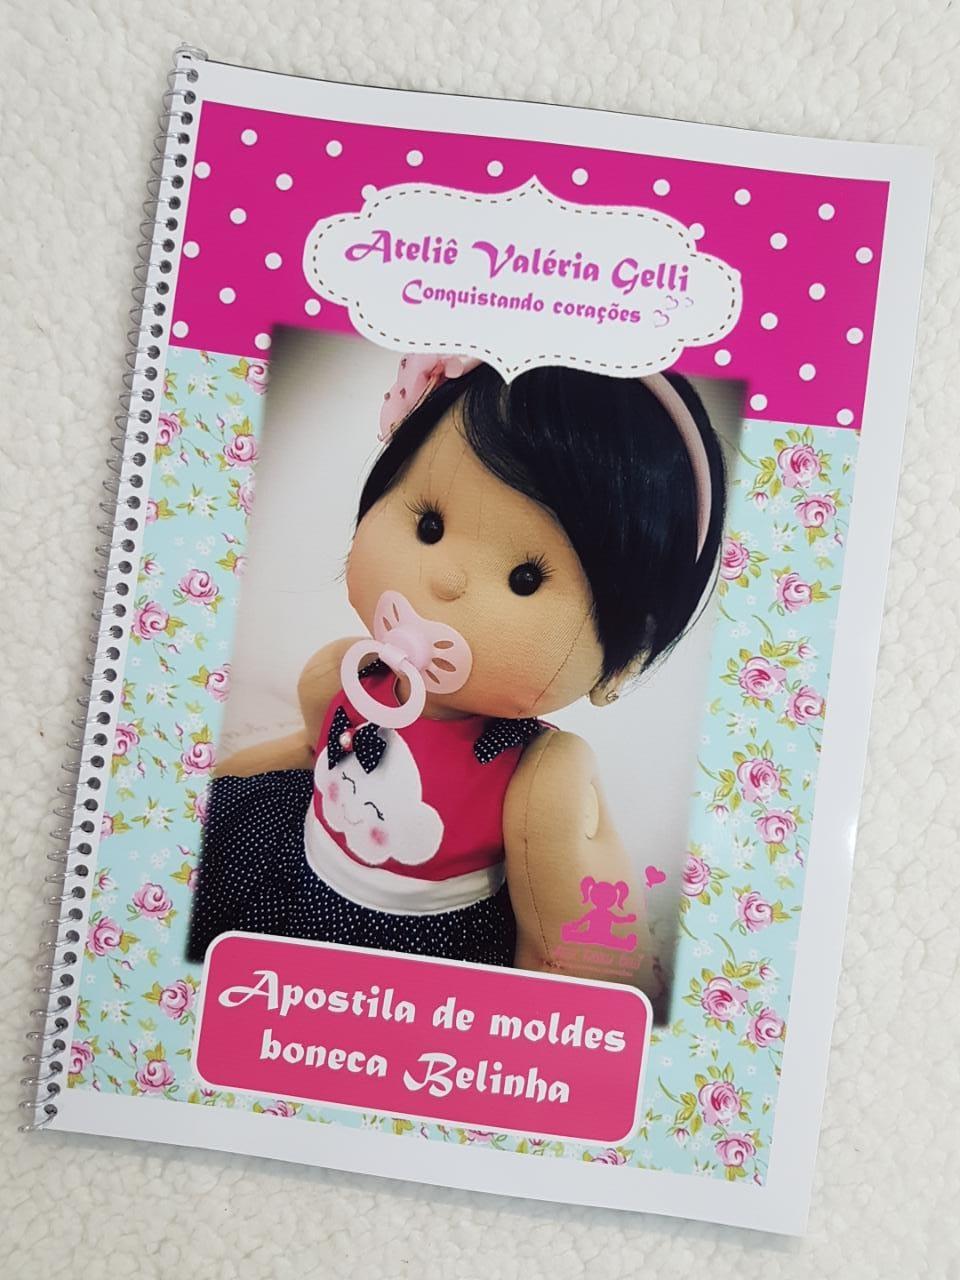 Apostila boneca Belinha (Frete grátis)